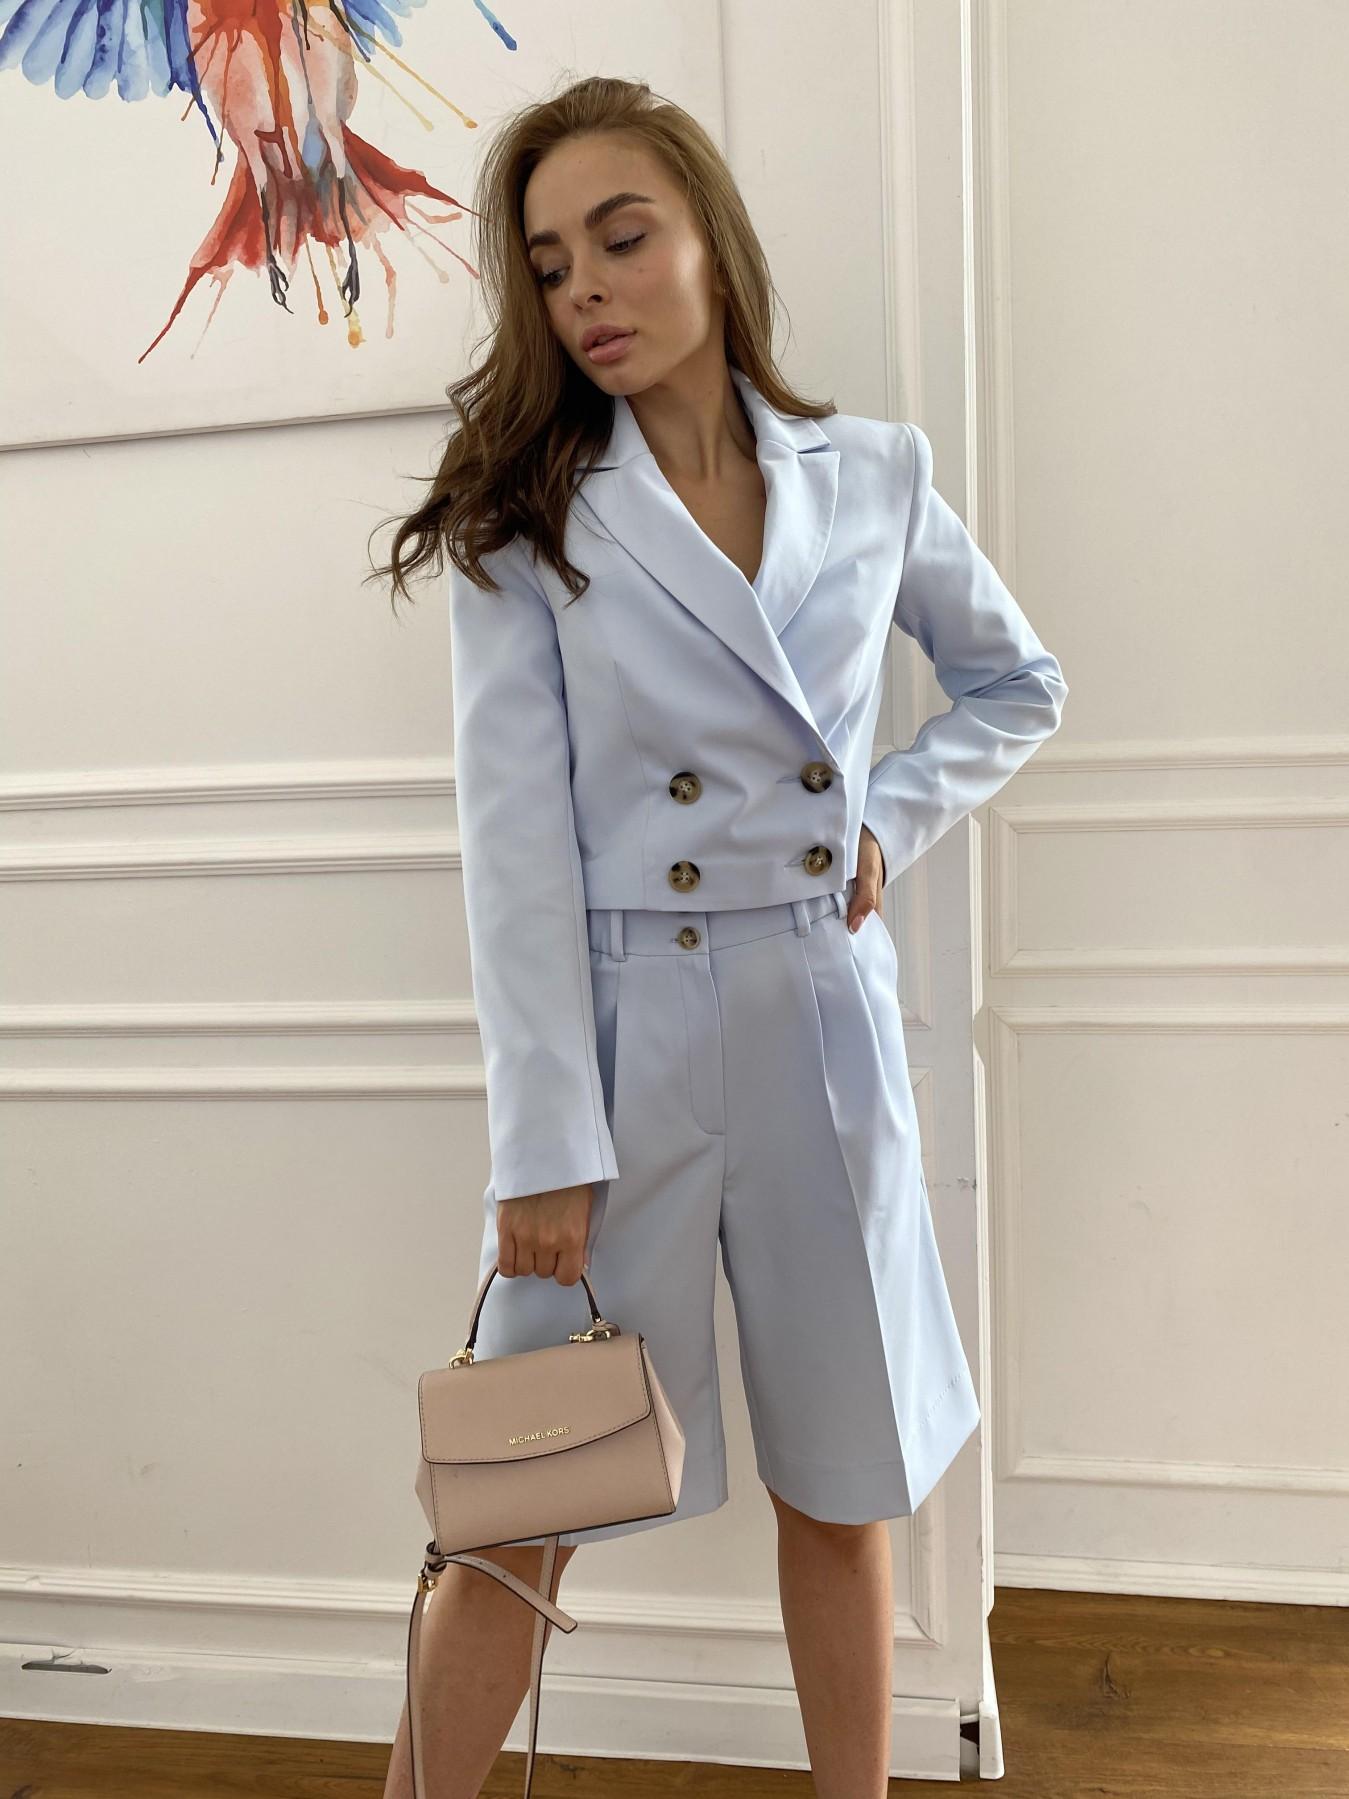 Оксфорд костюм из костюмной ткани стрейч 11548 АРТ. 48219 Цвет: Голубой - фото 1, интернет магазин tm-modus.ru